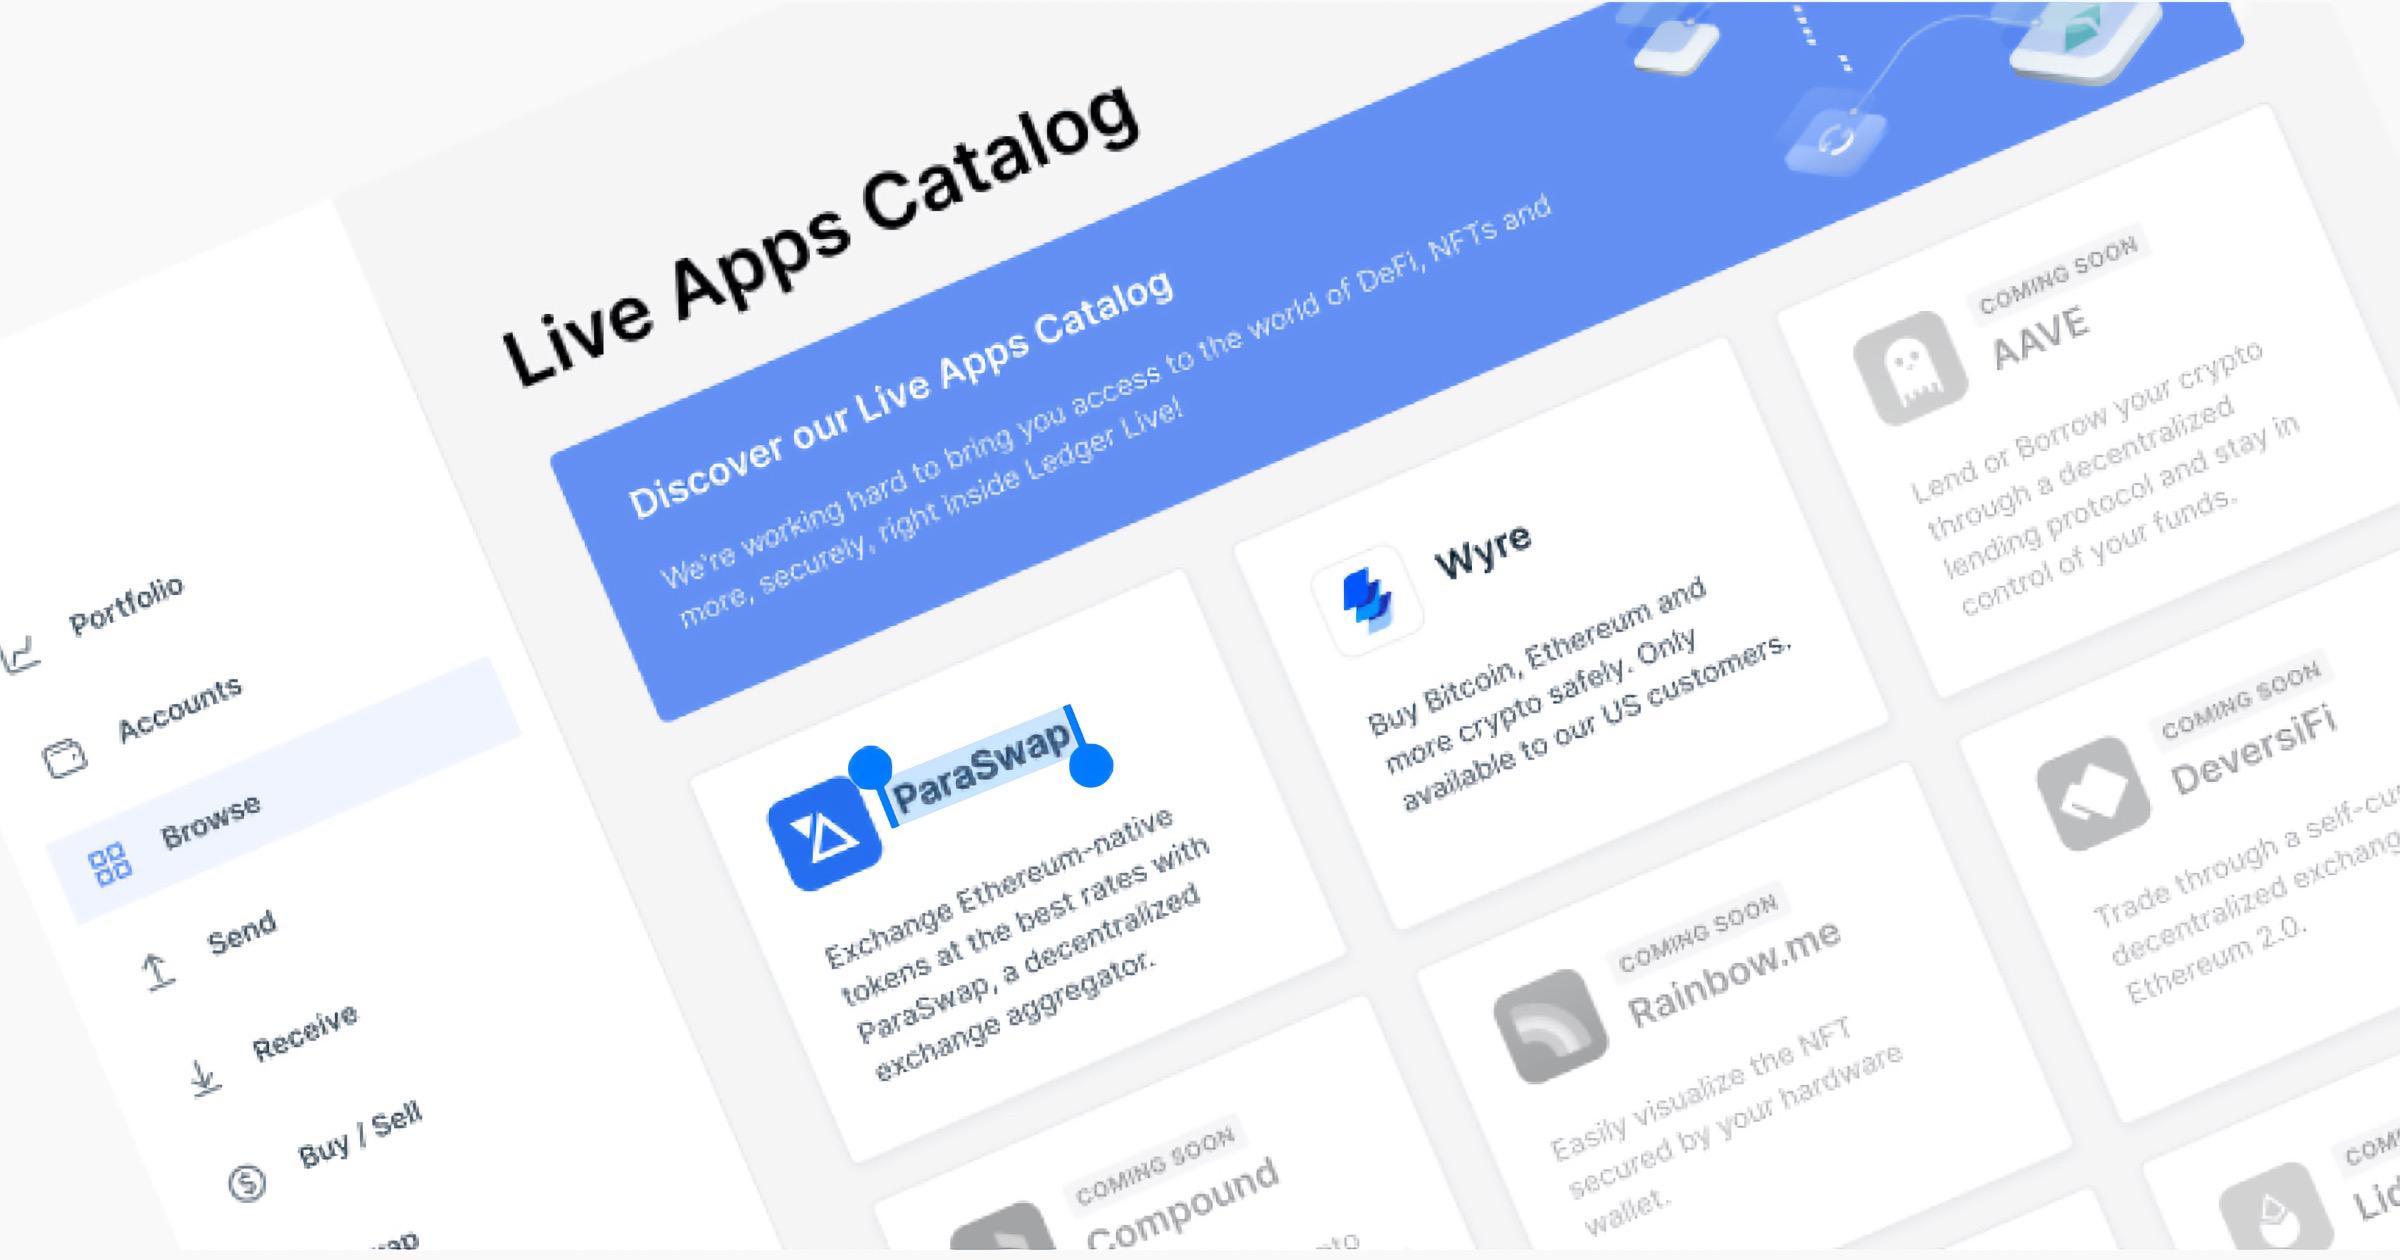 Ledger app catalog